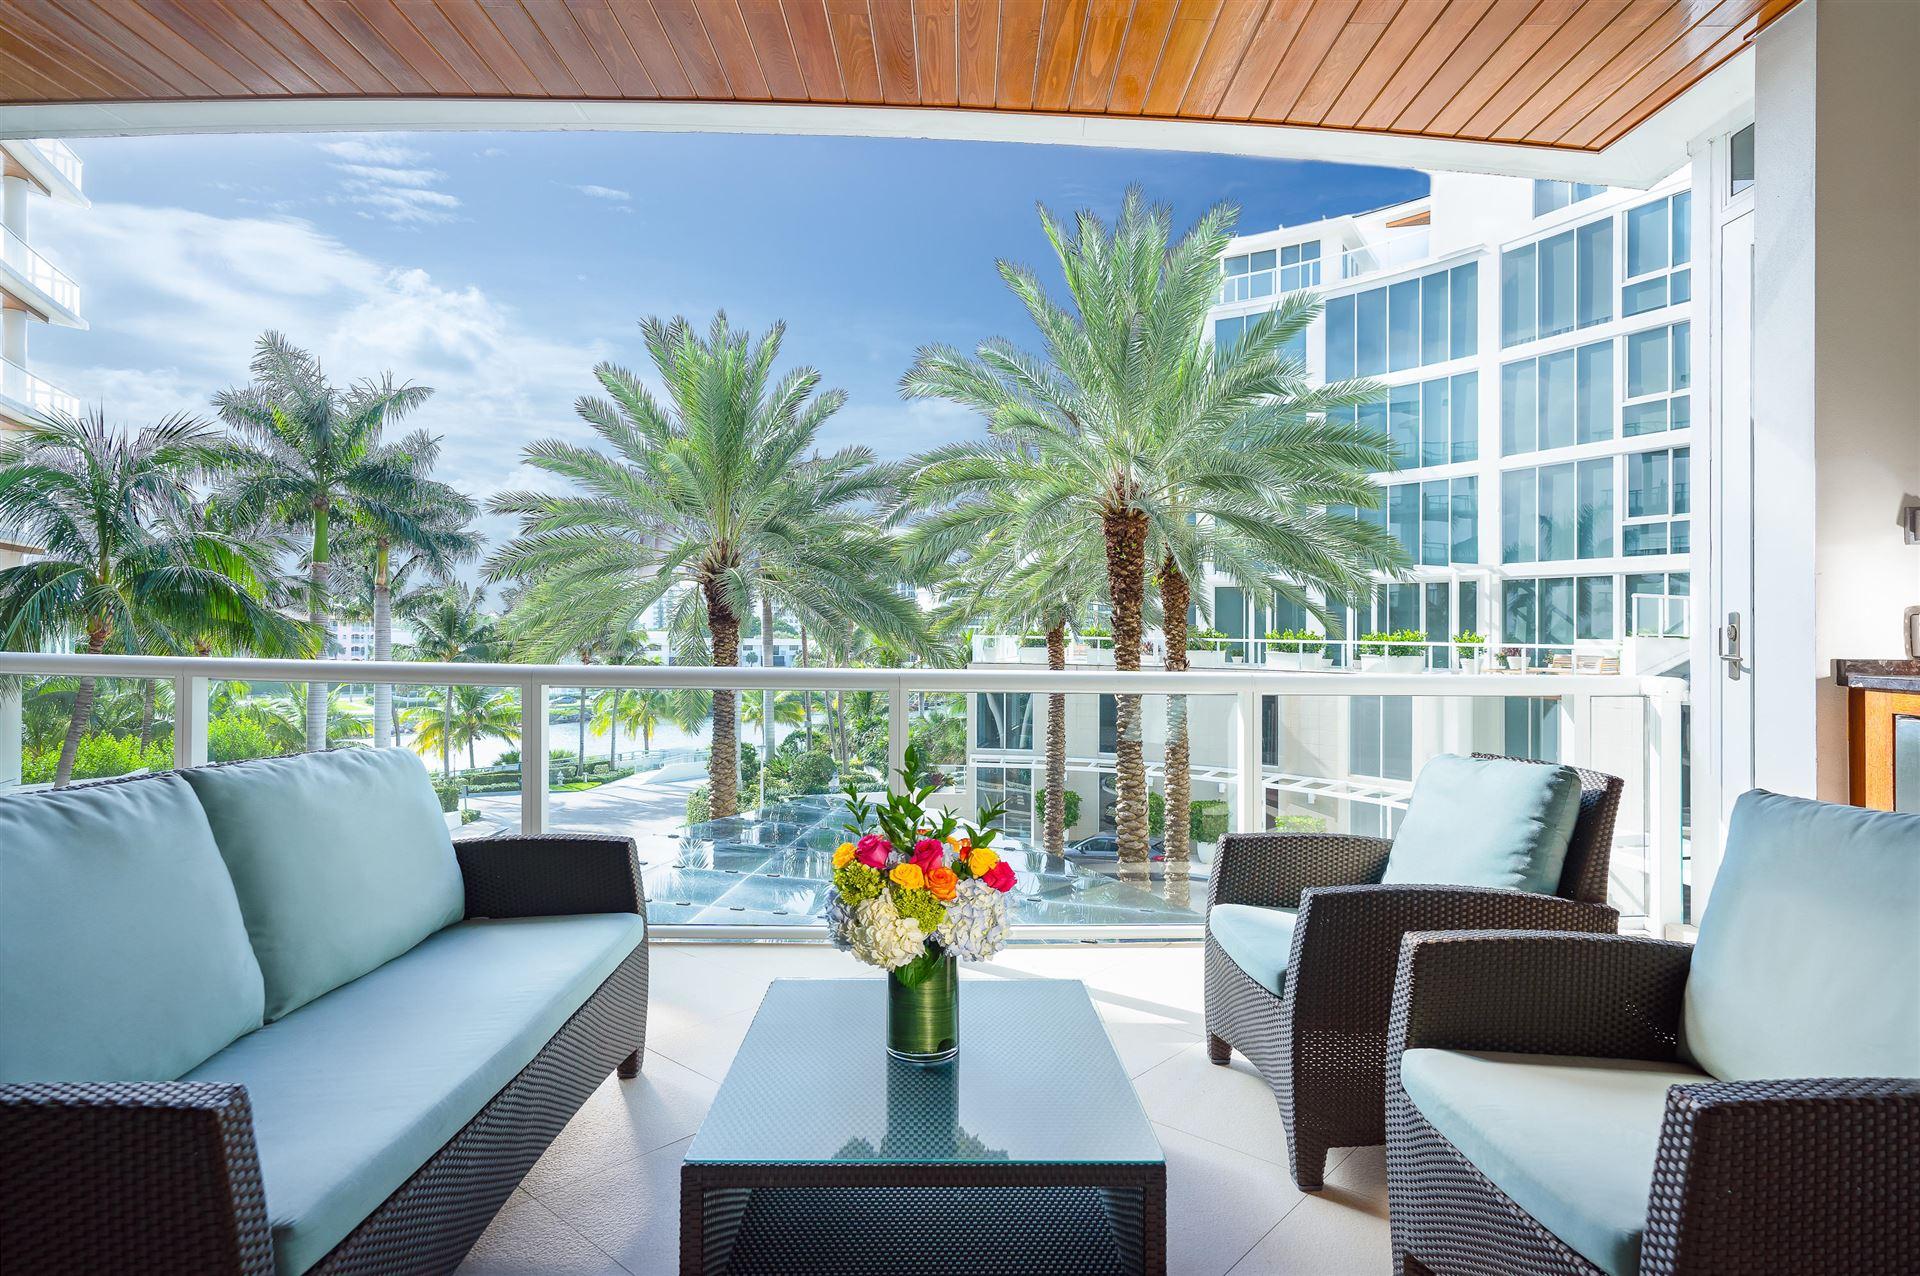 1000 S Ocean Boulevard #309, Boca Raton, FL 33432 - MLS#: RX-10651622